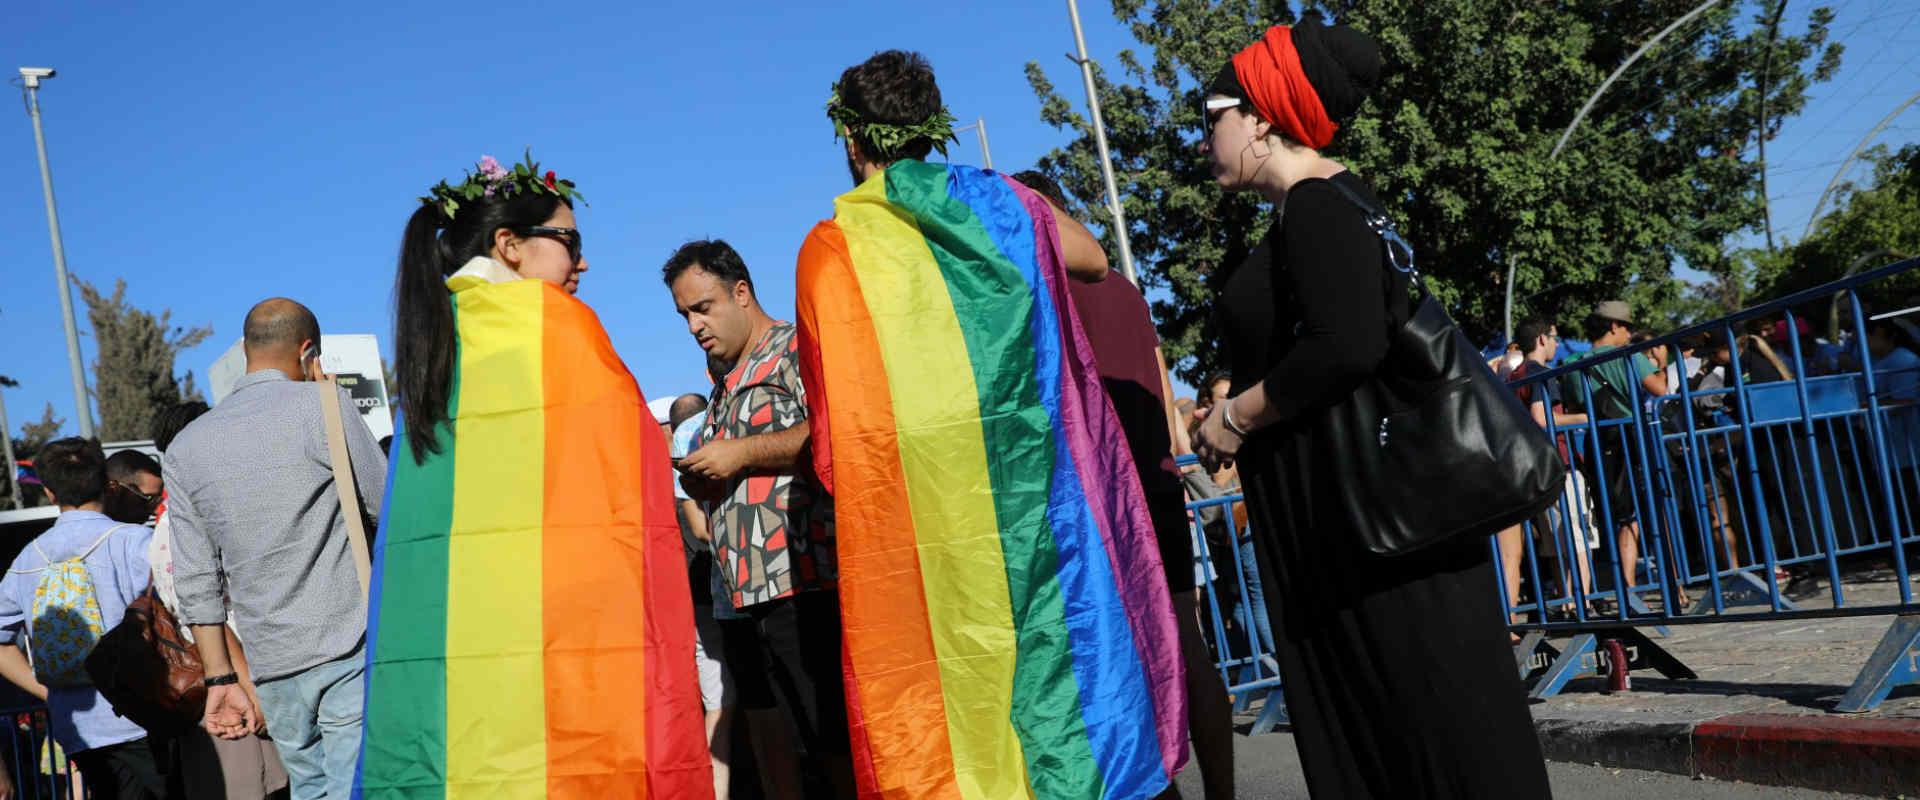 מצעד הגאווה בירושלים לפני שנה